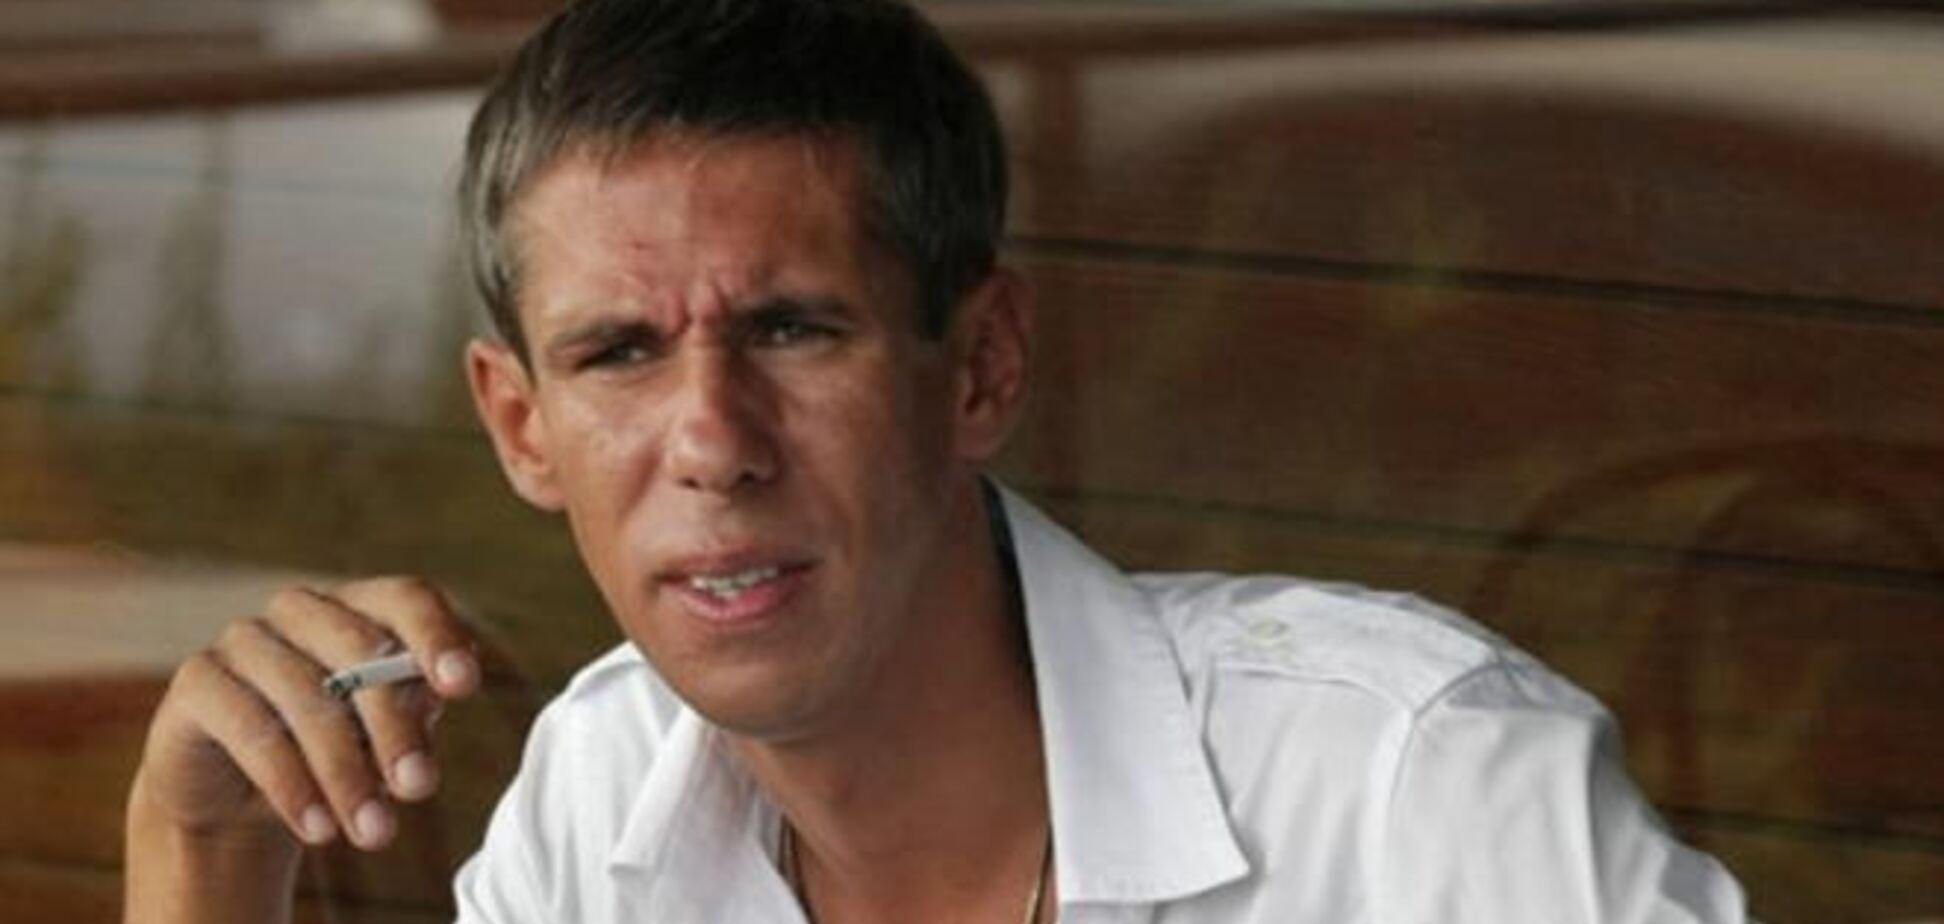 Скандальний актор Панін зі сцени назвав глядачів 'бидлом'